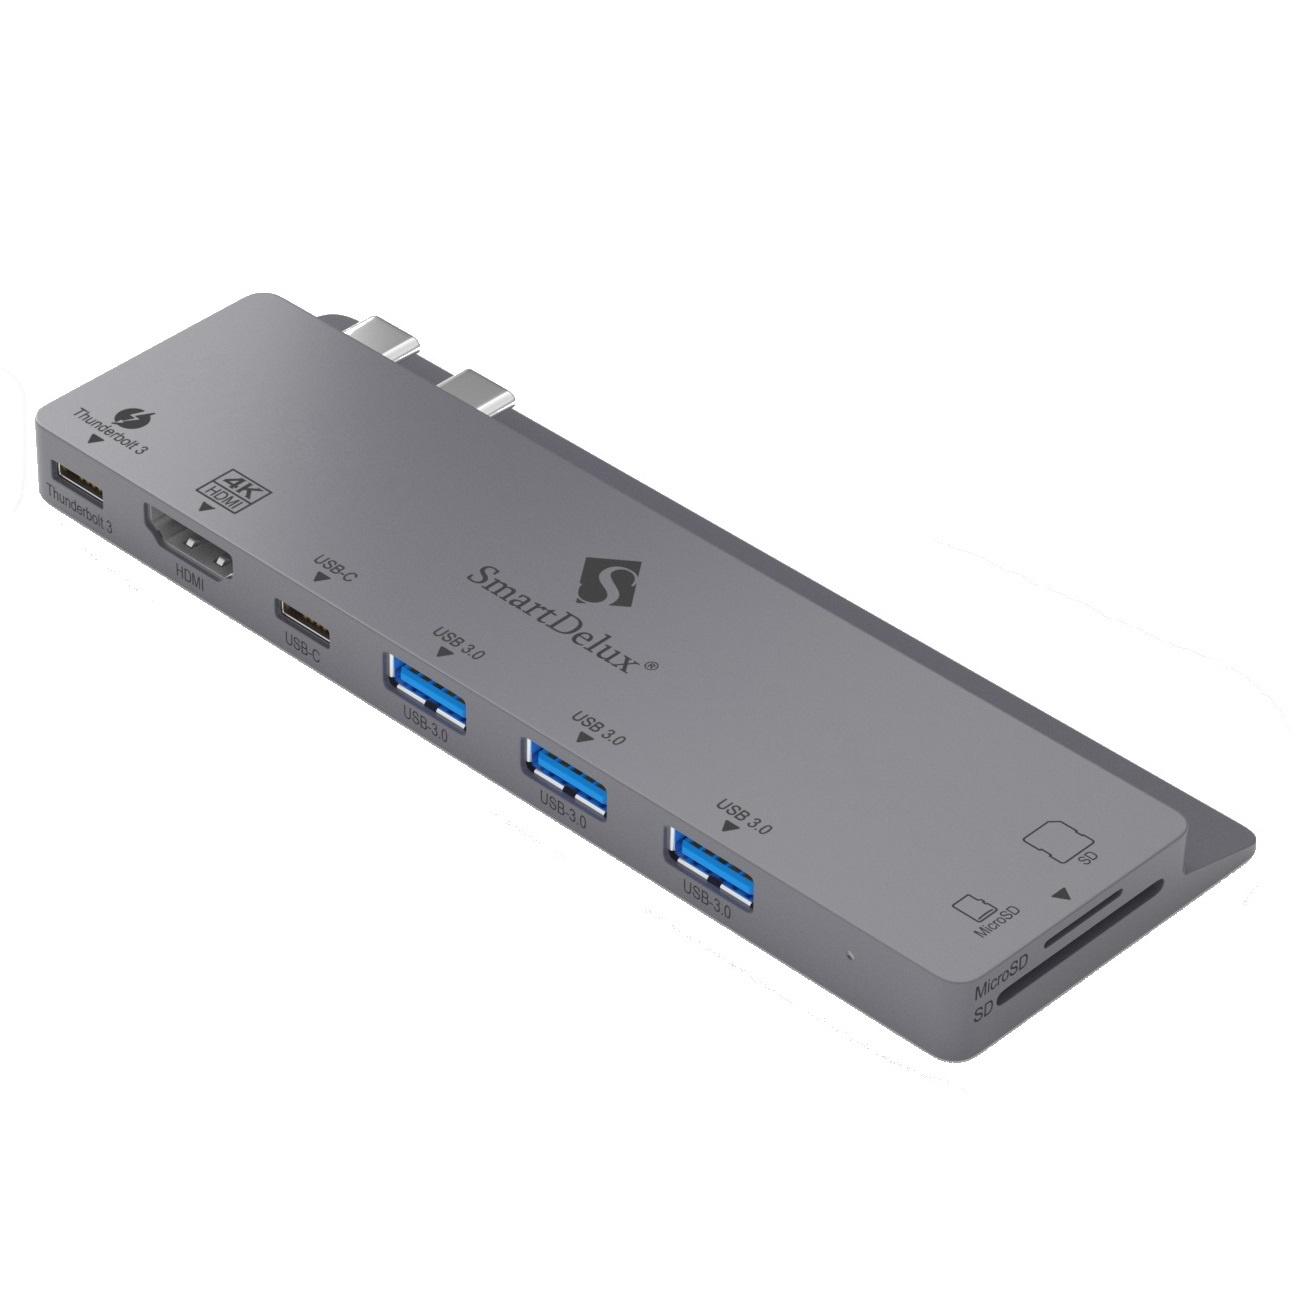 SmartDelux USB-концентратор 8-IN-1 для MacBook Pro, Space Gray, SDUC-P8S концентратор usb 3 0 orient bc 306ps usb 3 0 hub 4 ports c бп зарядником 2xusb 5в 2 1а выключатели на каждый порт черный